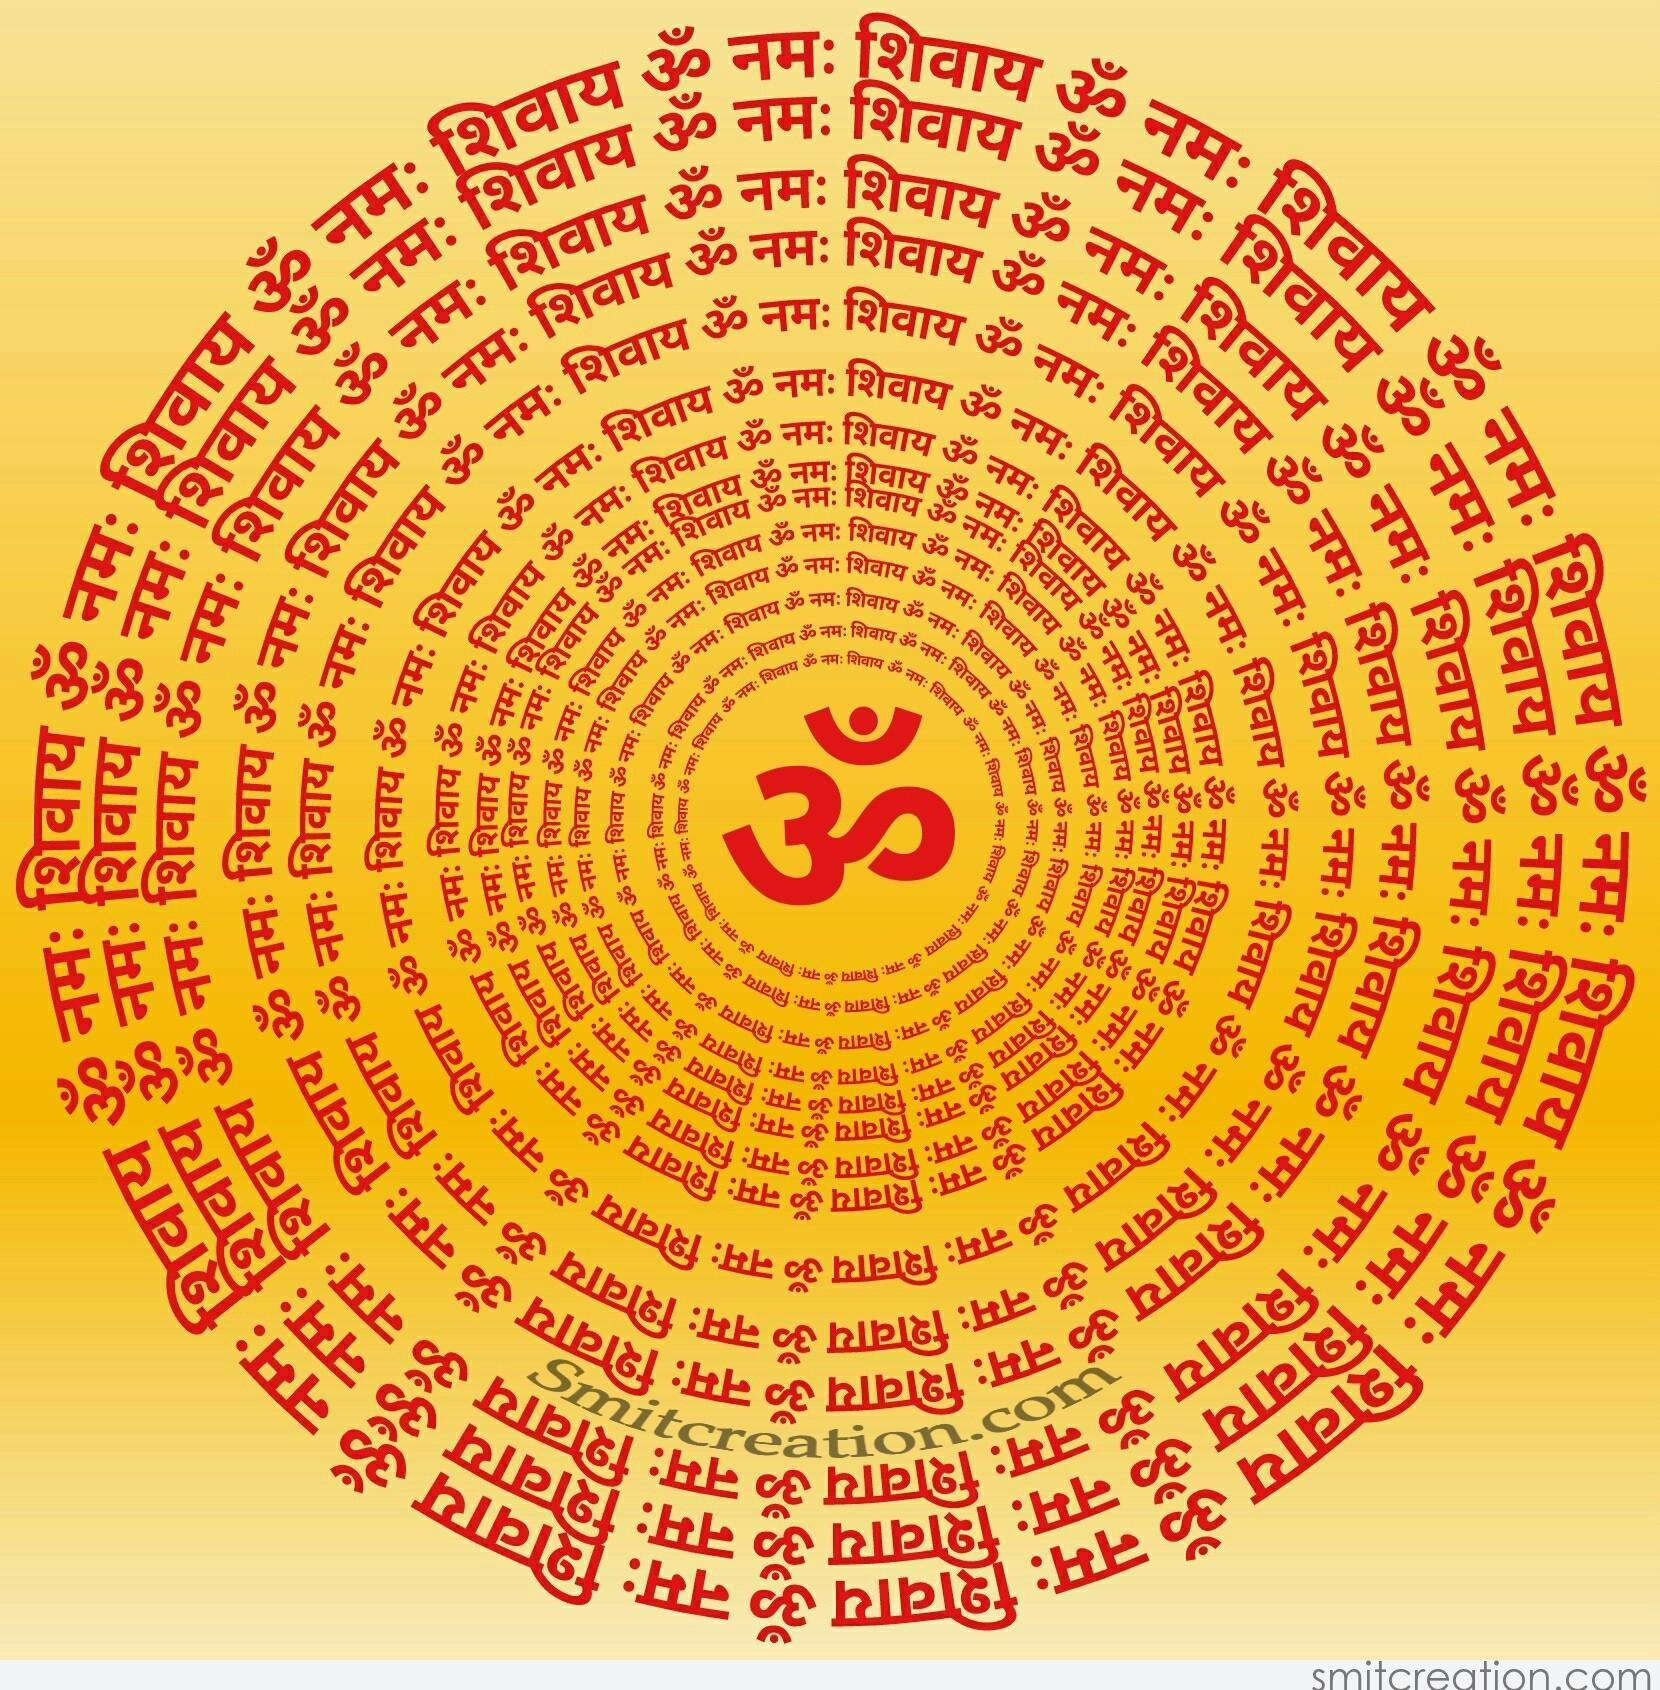 Shiva Animated Wallpaper Om Namah Shivay Mantra Smitcreation Com